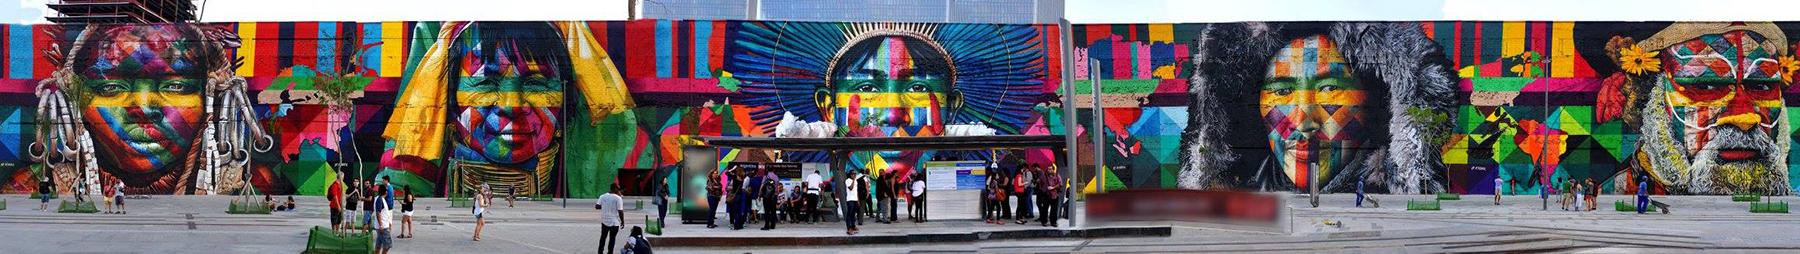 1-mural-eduardo-kobra-olimpíadas-rio2016